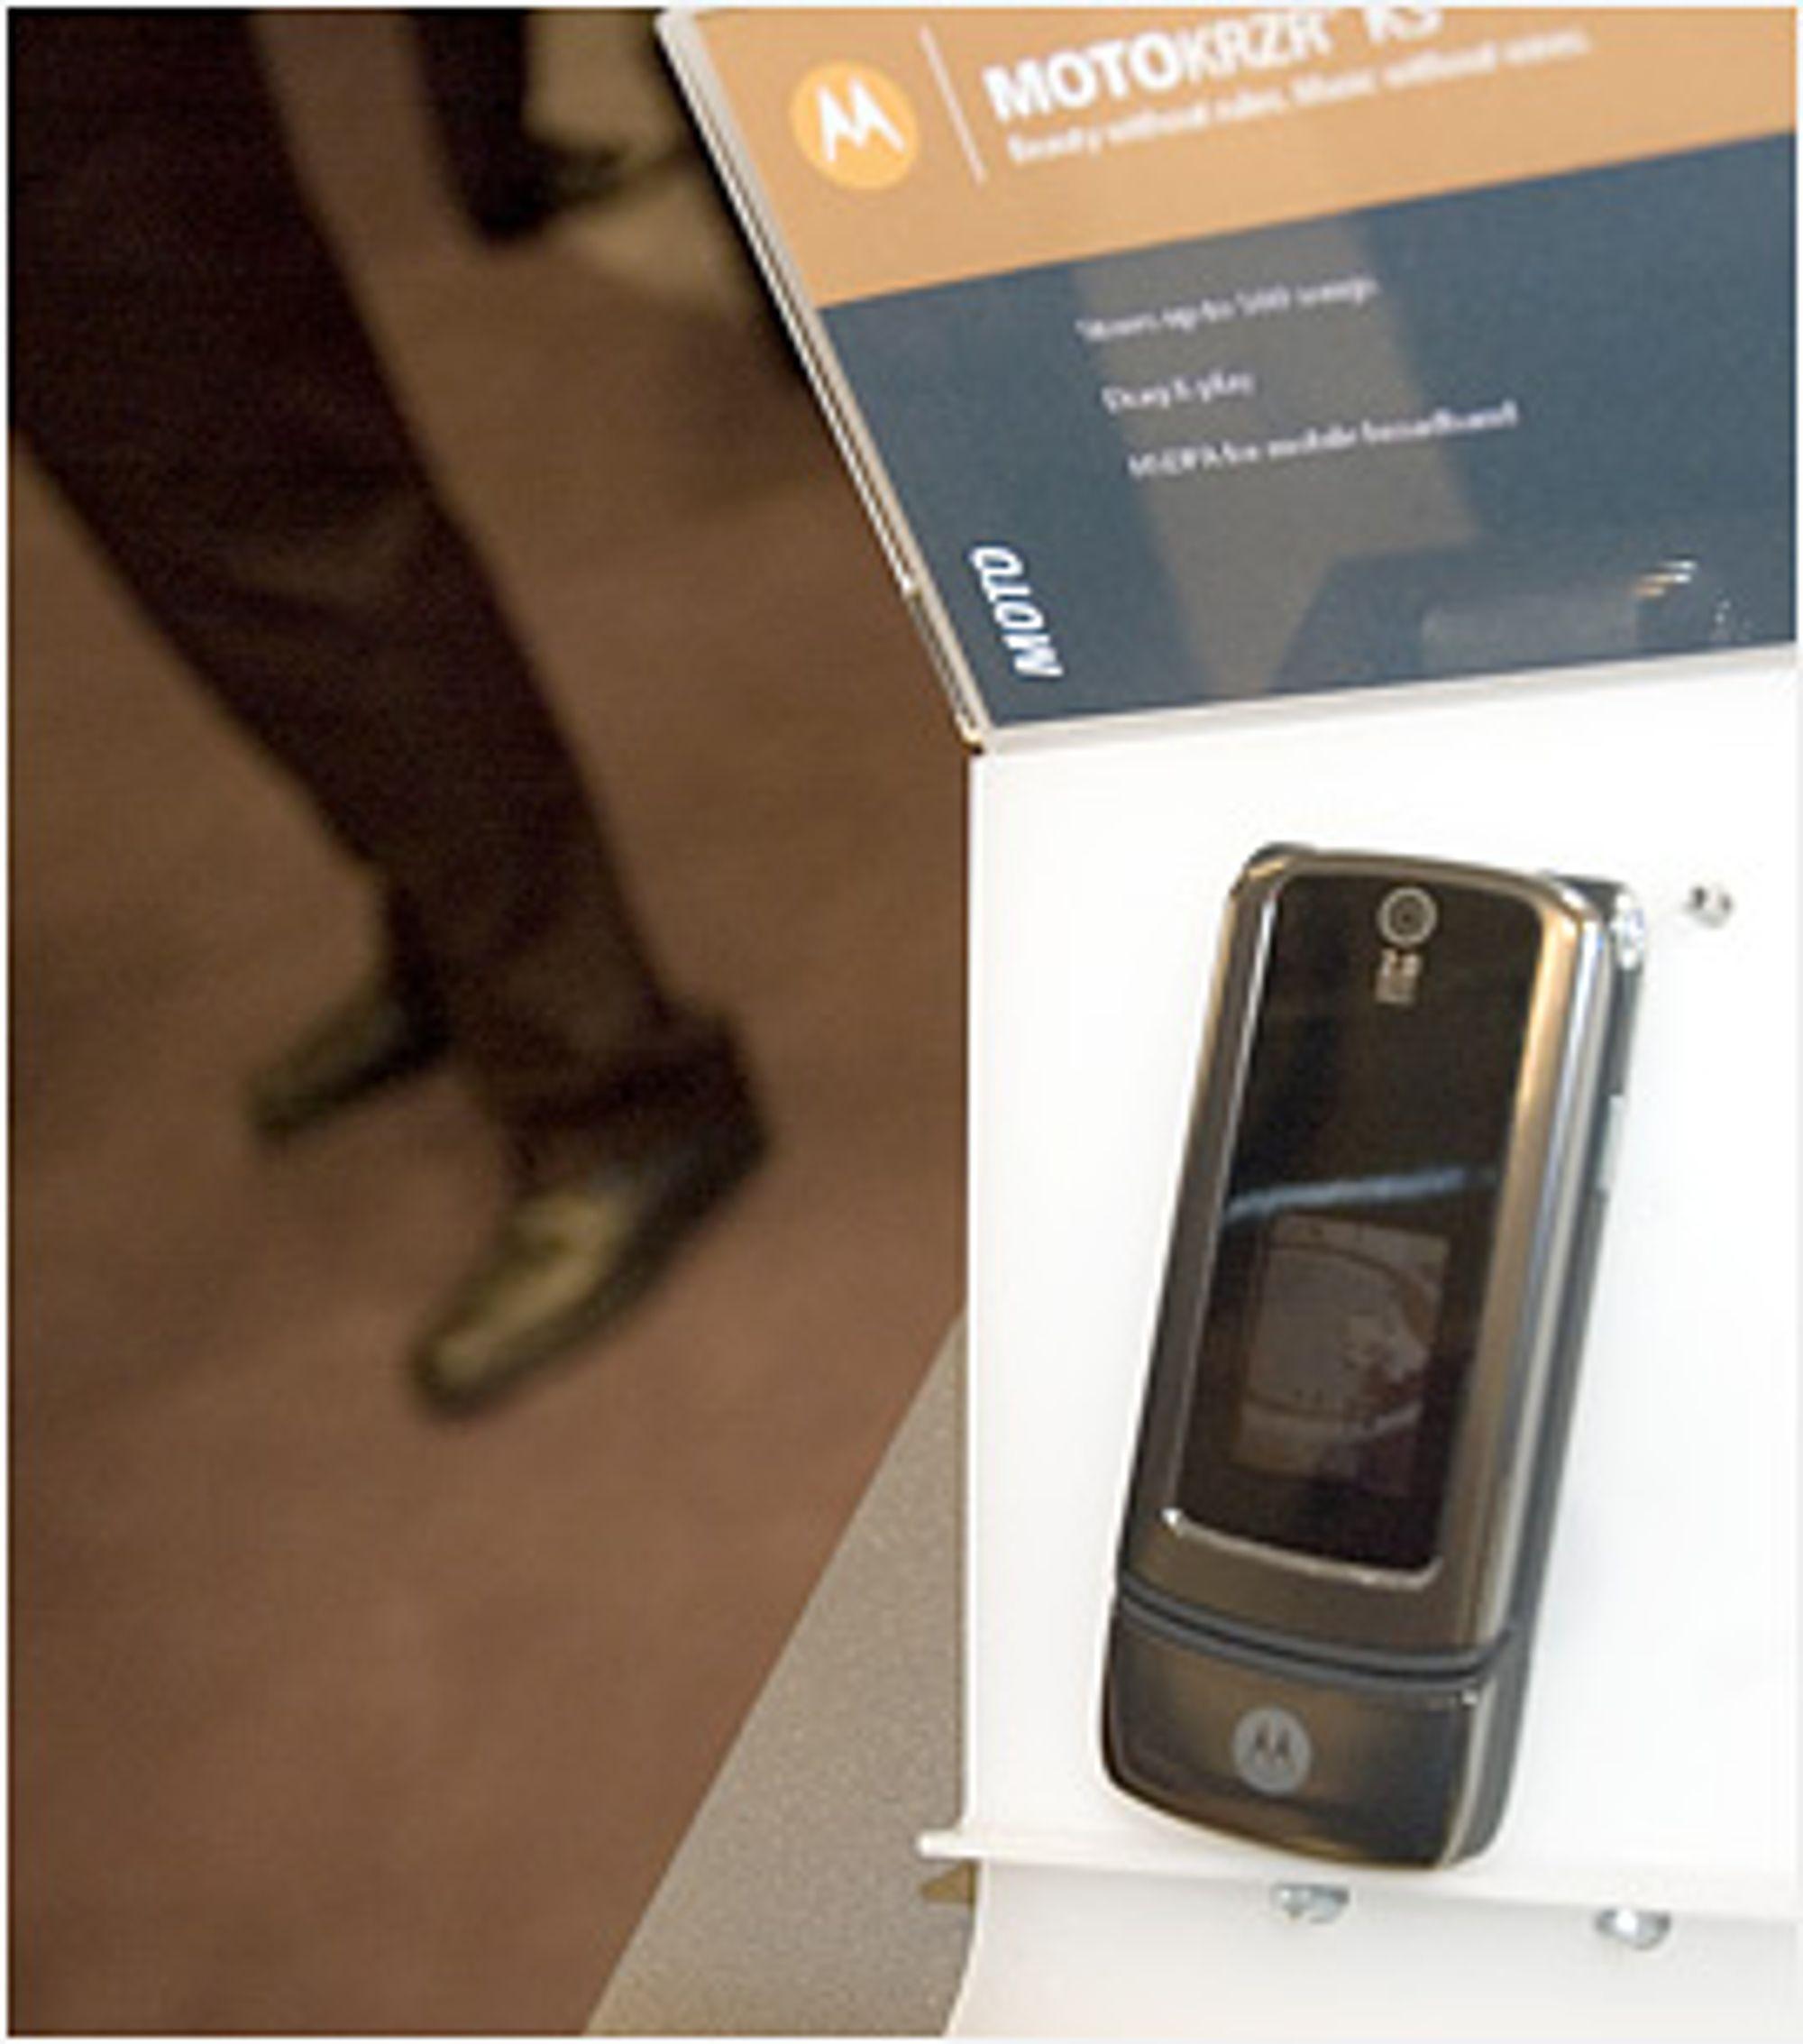 Motorola Krzr K3 ser unektelig pen ut